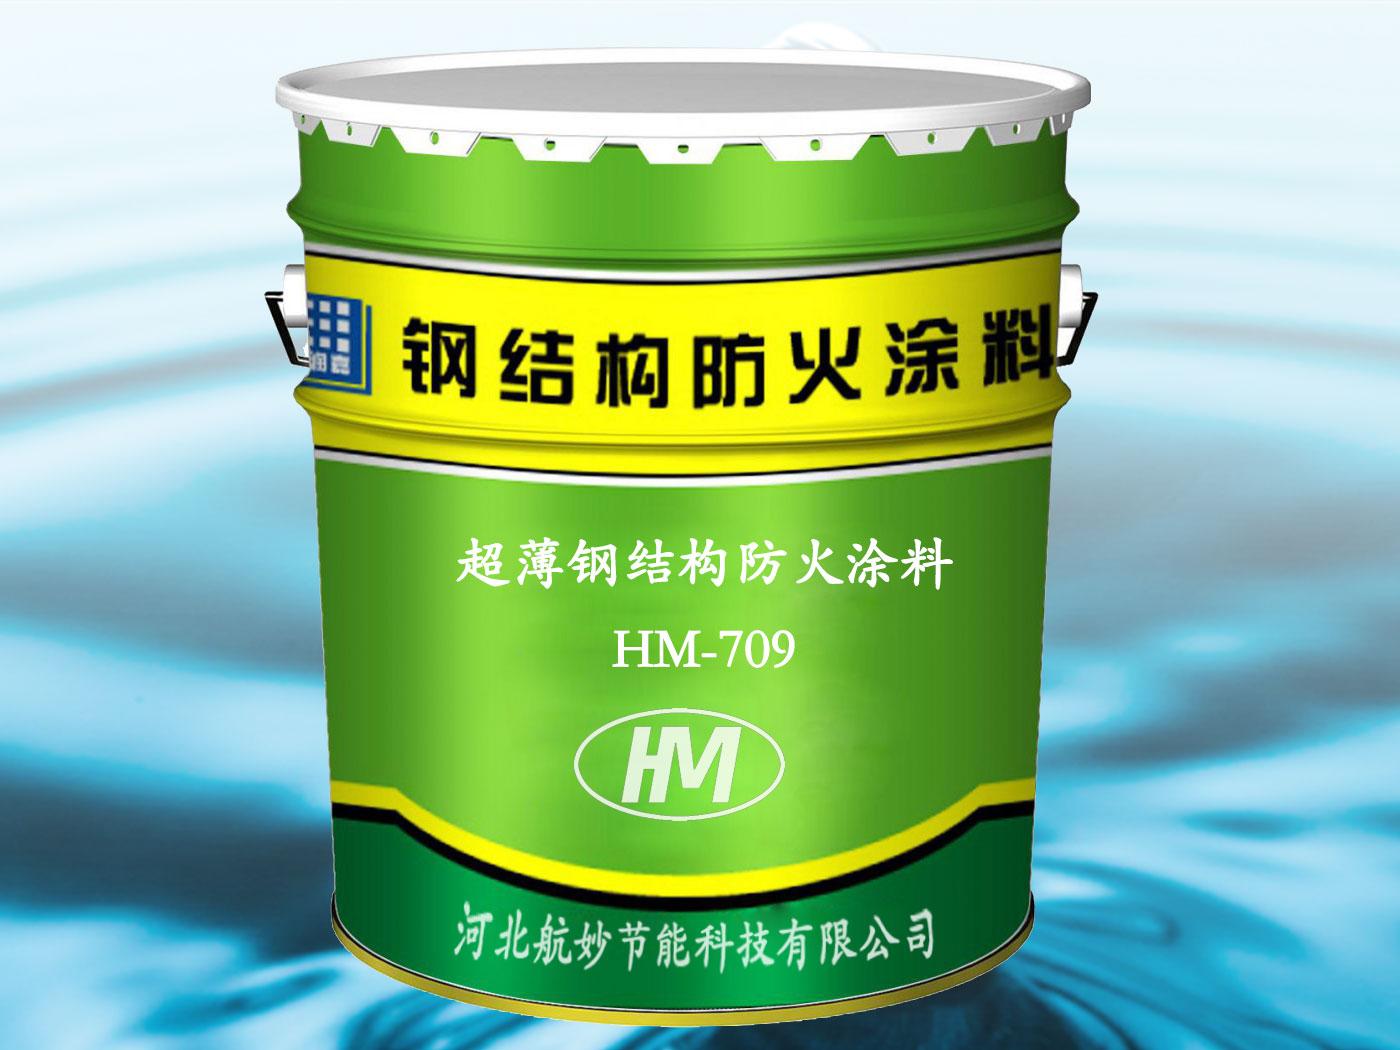 超薄钢结构防火涂料HM-709